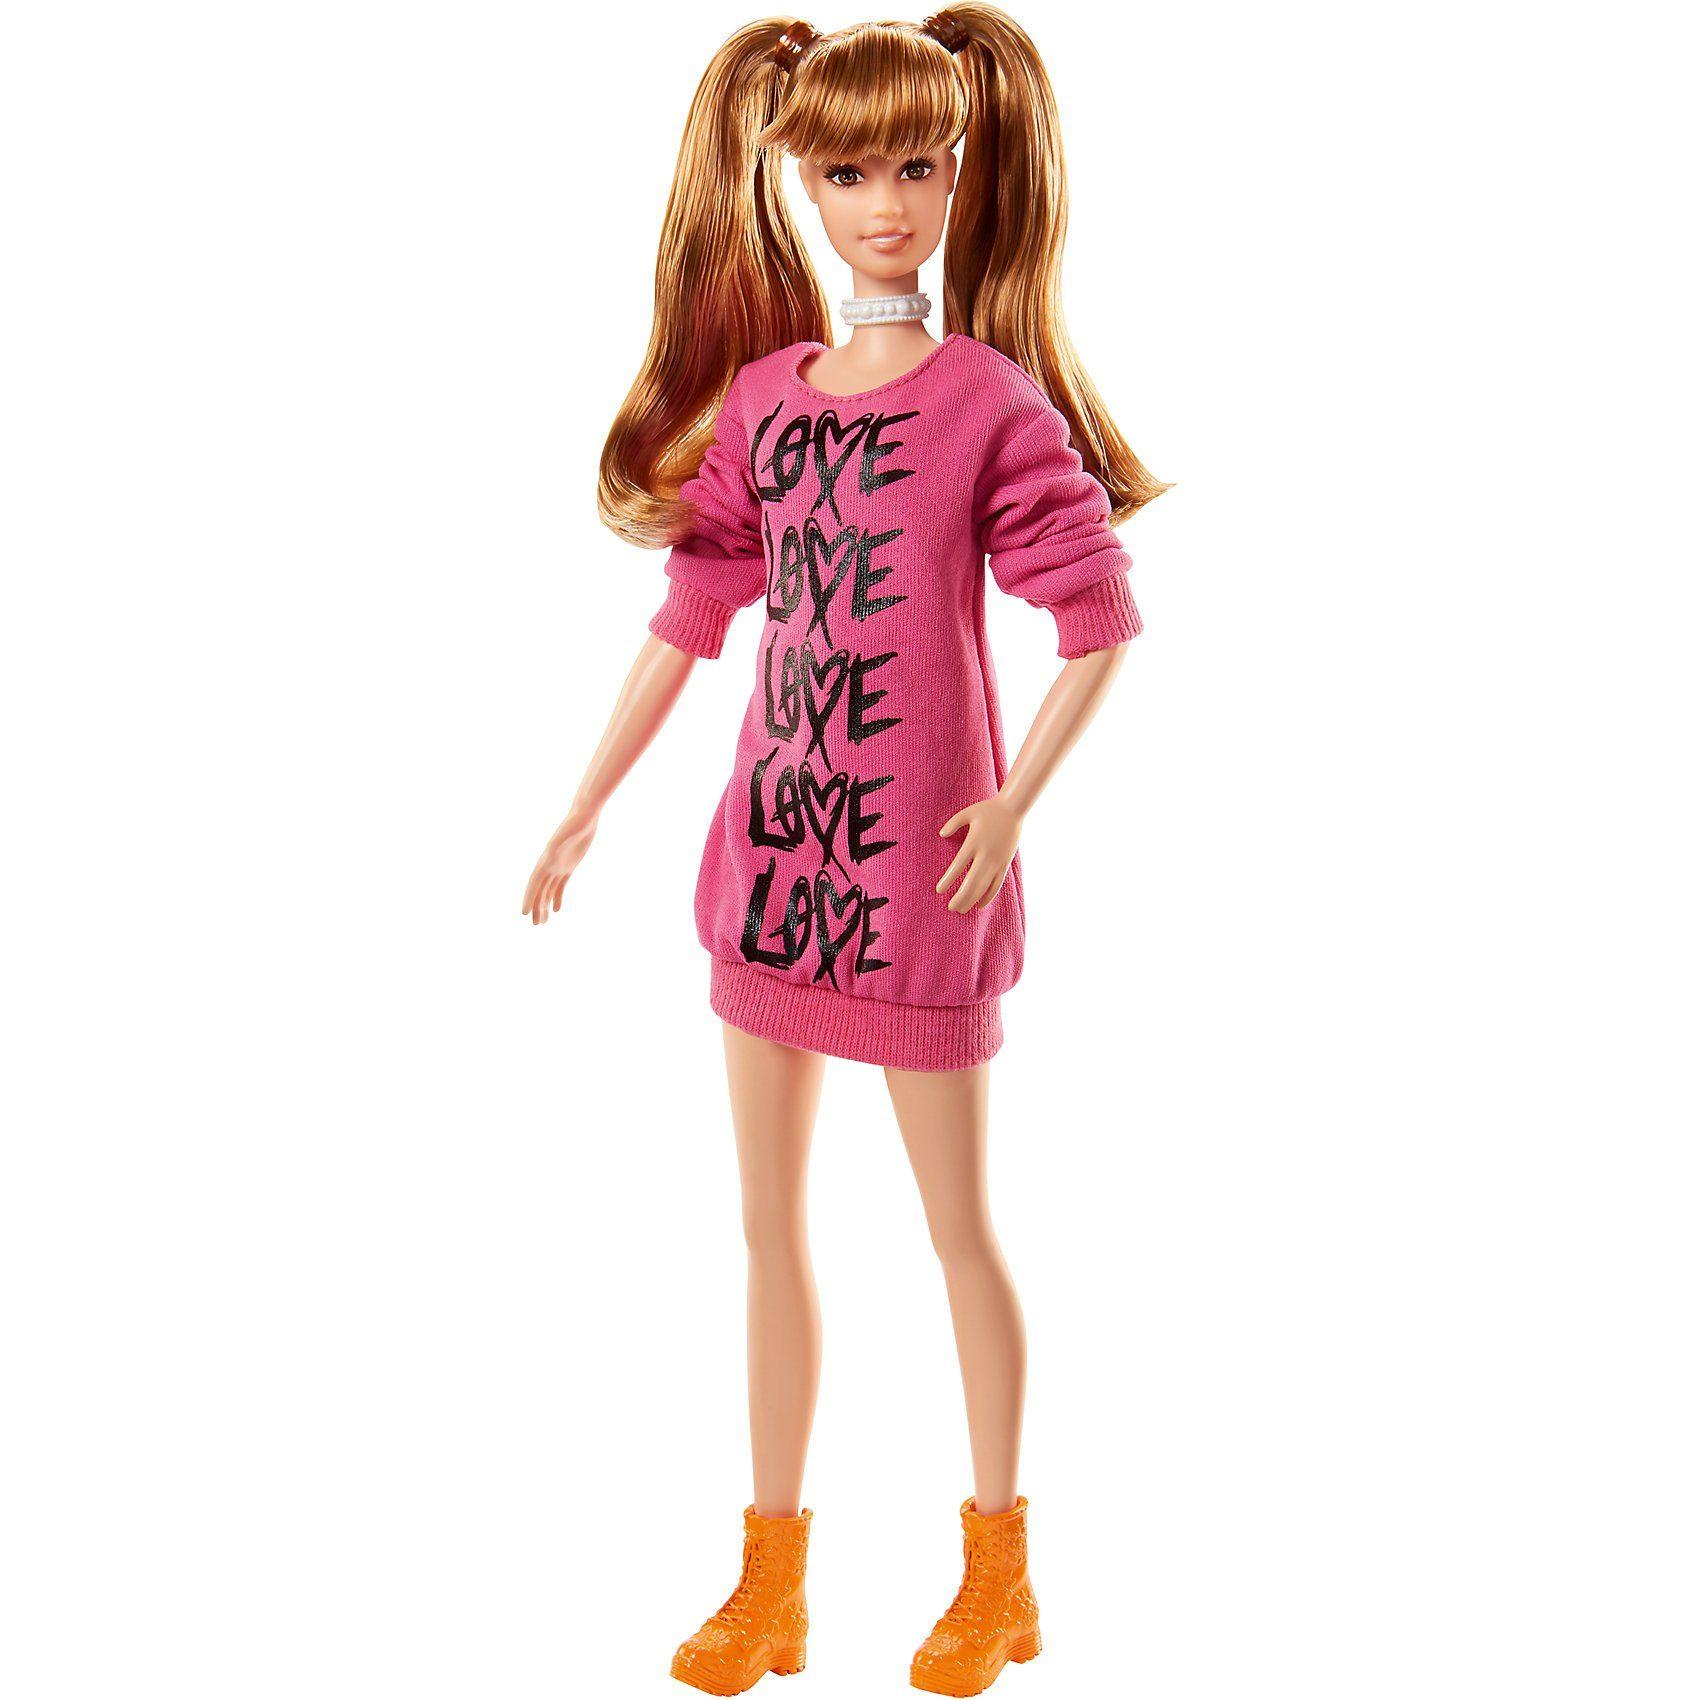 Mattel Barbie Fashionista Puppe mit Zöpfen im pinken Pullover-Kleid